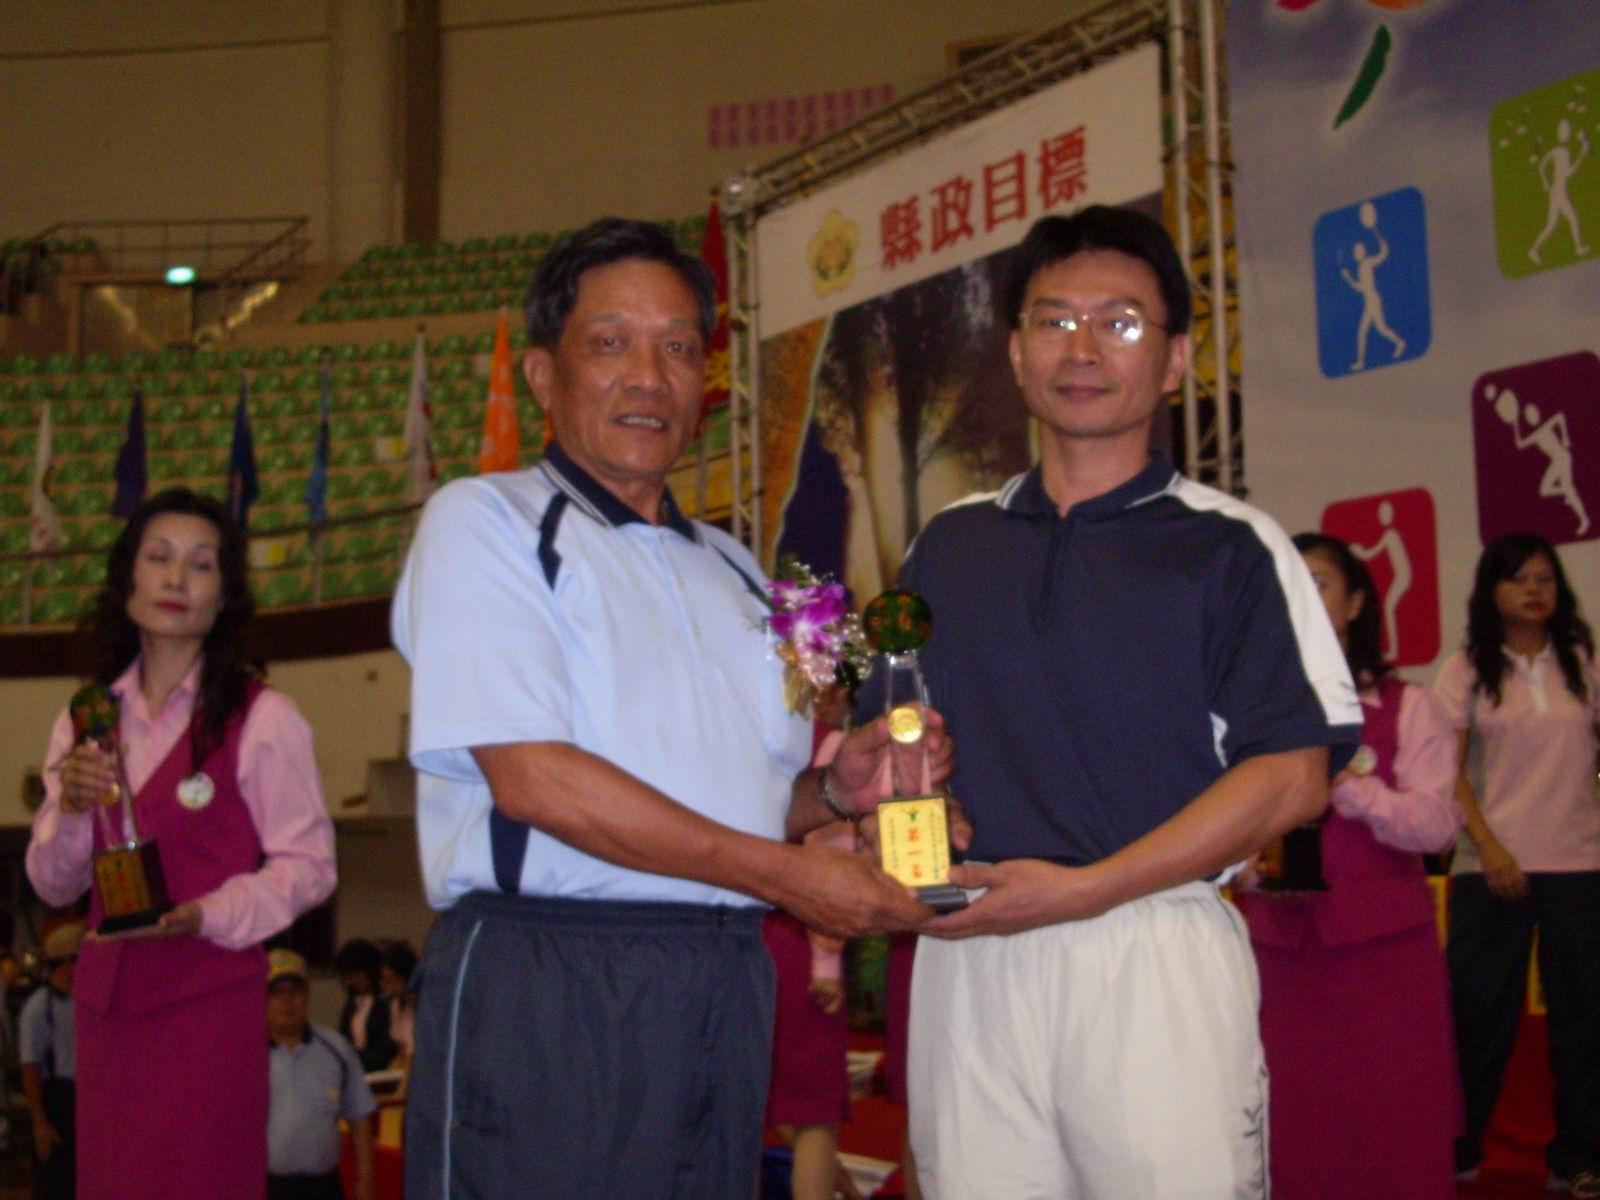 內政部榮獲男子桌球主管第一名